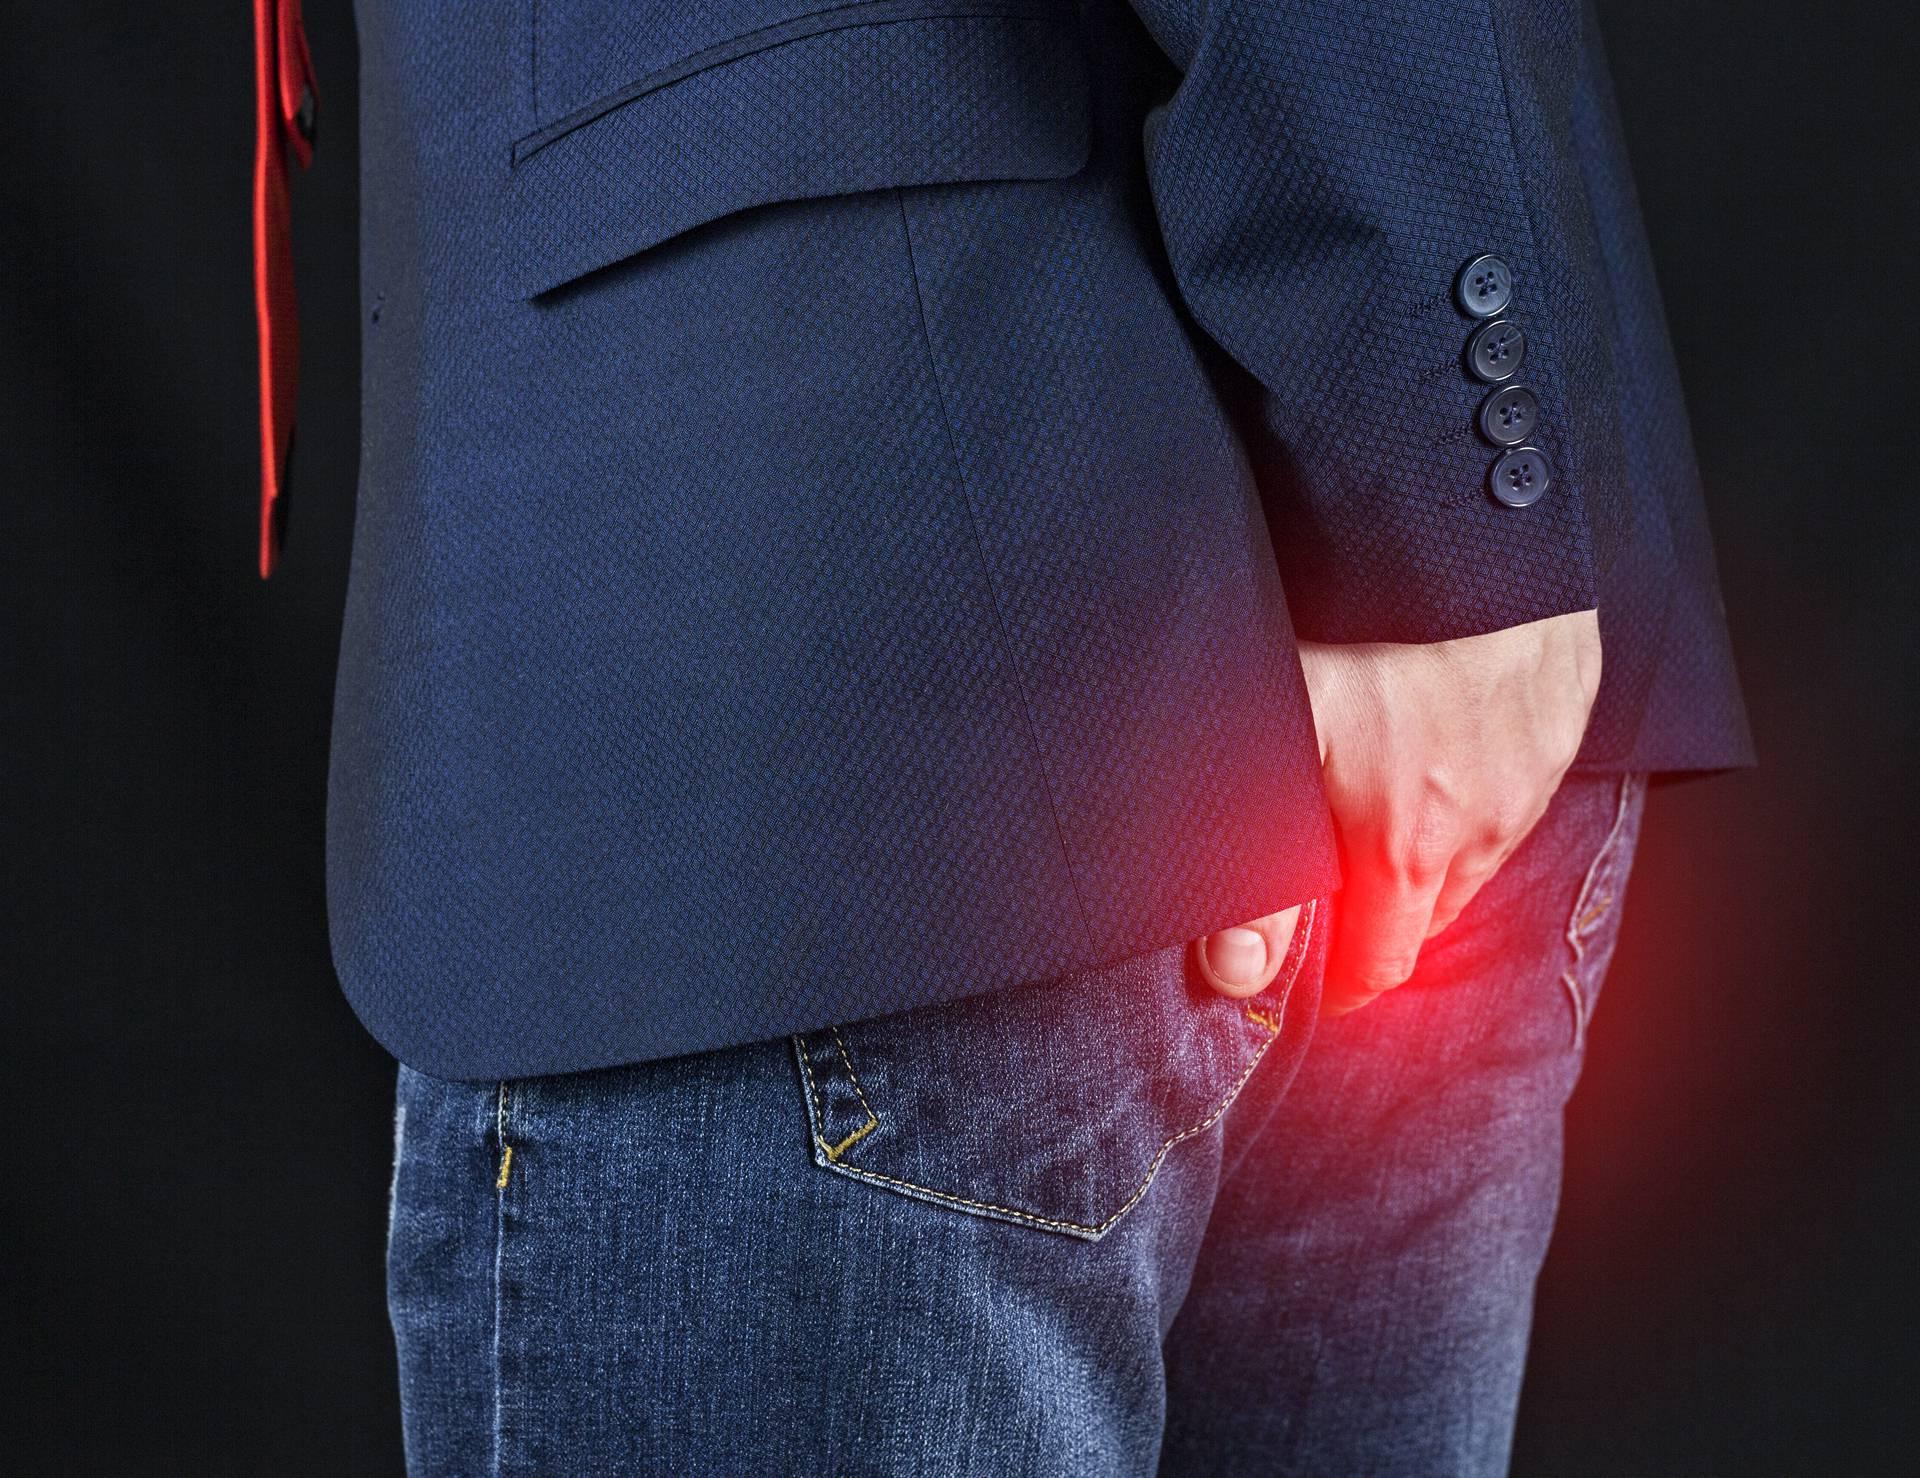 Zašto šutimo o epidemiji hemoroida i bolovima?